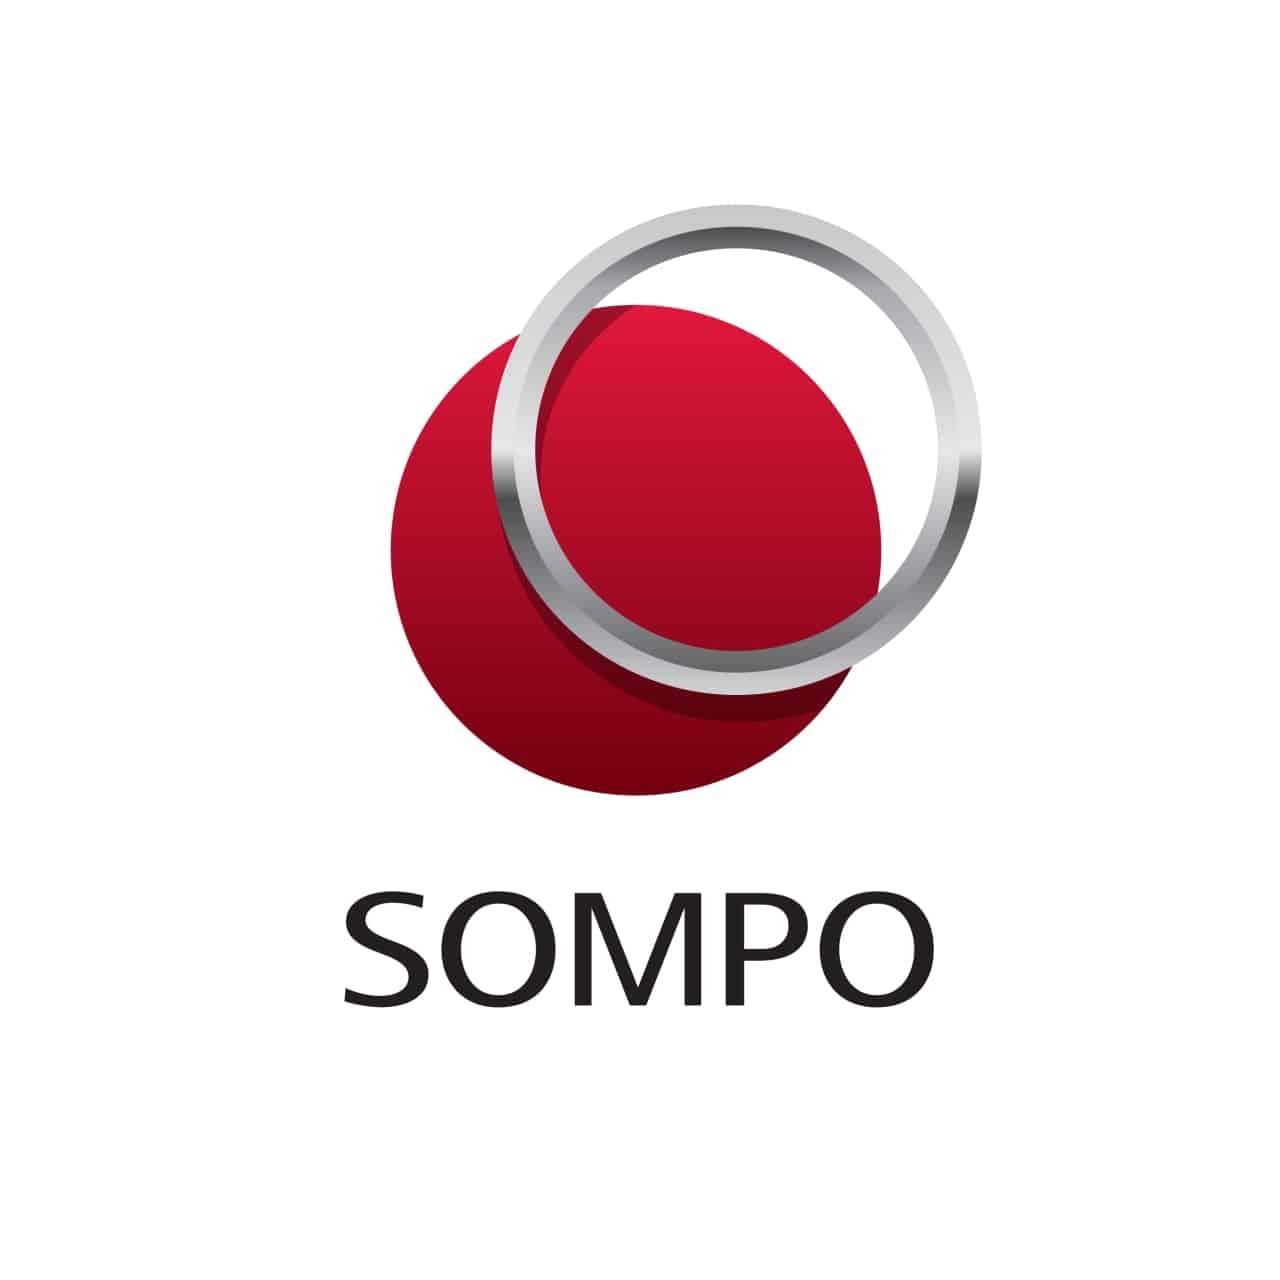 เที่ยวนารา (Nara) และอุจิ (Uji) ใช้ประกัน SOMPO